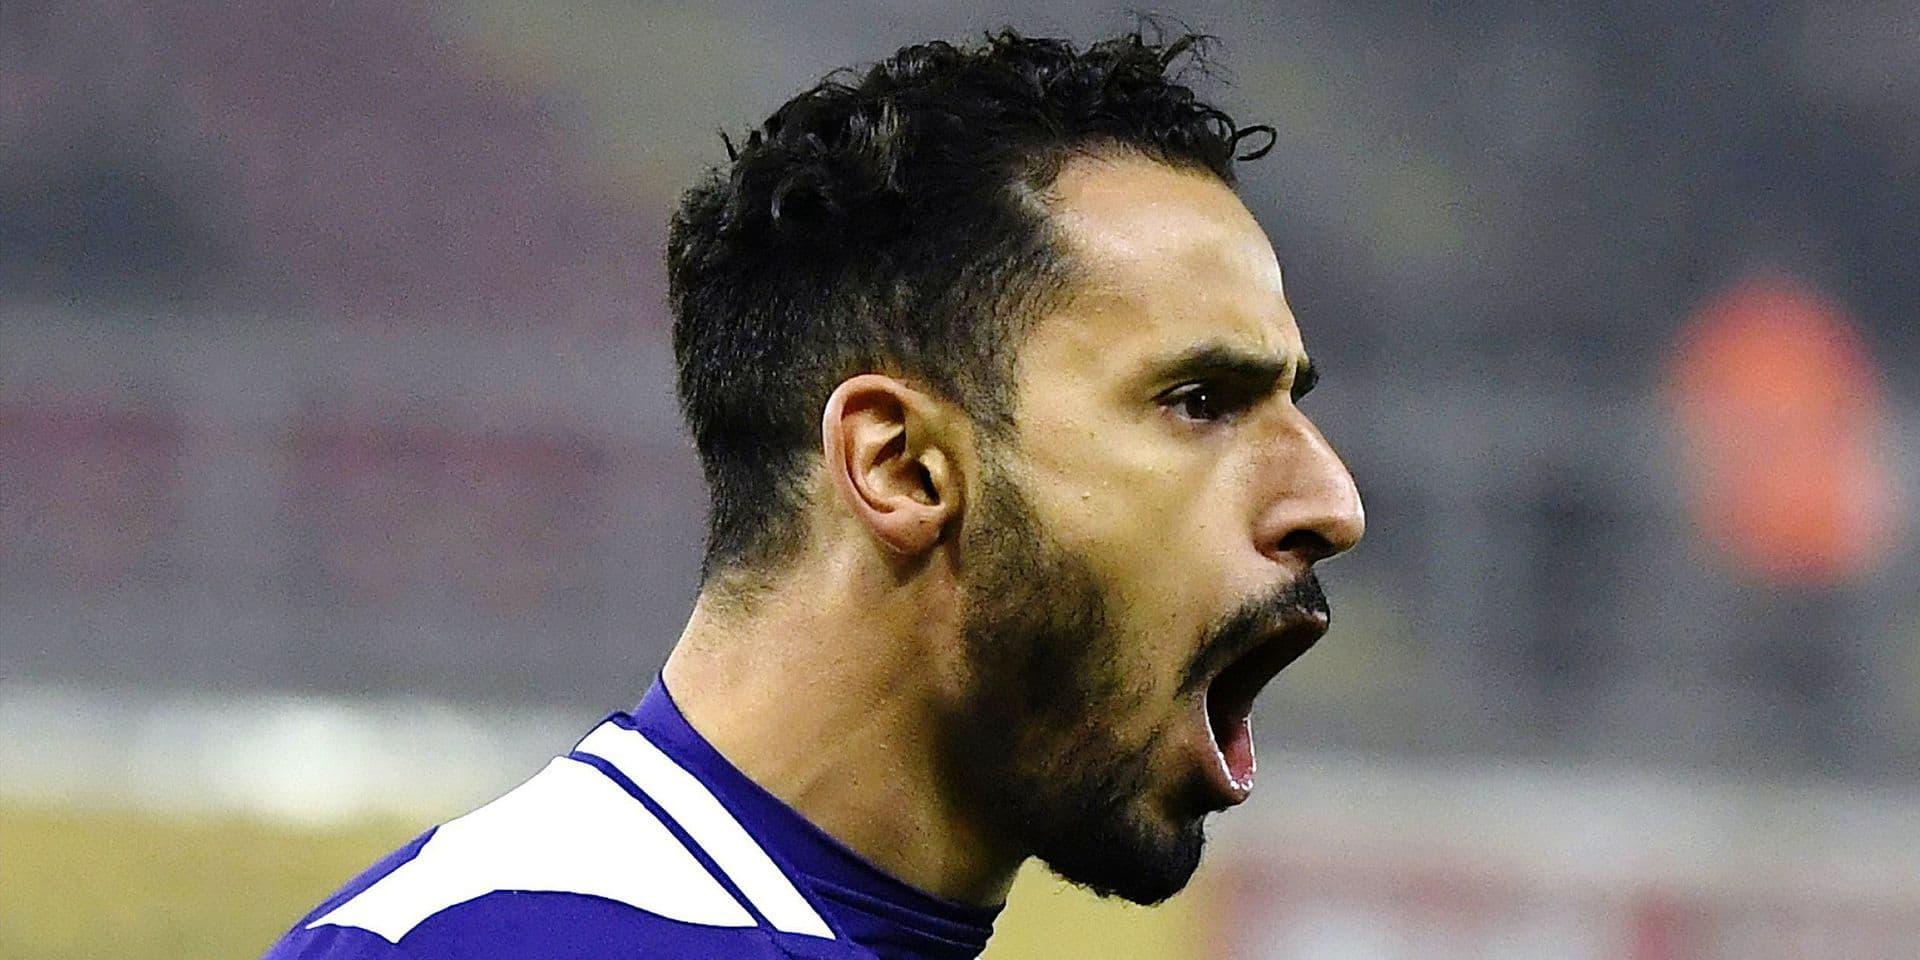 """Nacer Chadli avait toujours rêvé d'être un footballeur professionnel: """"Tellement fort que les grands le coinçaient dans le grillage"""""""